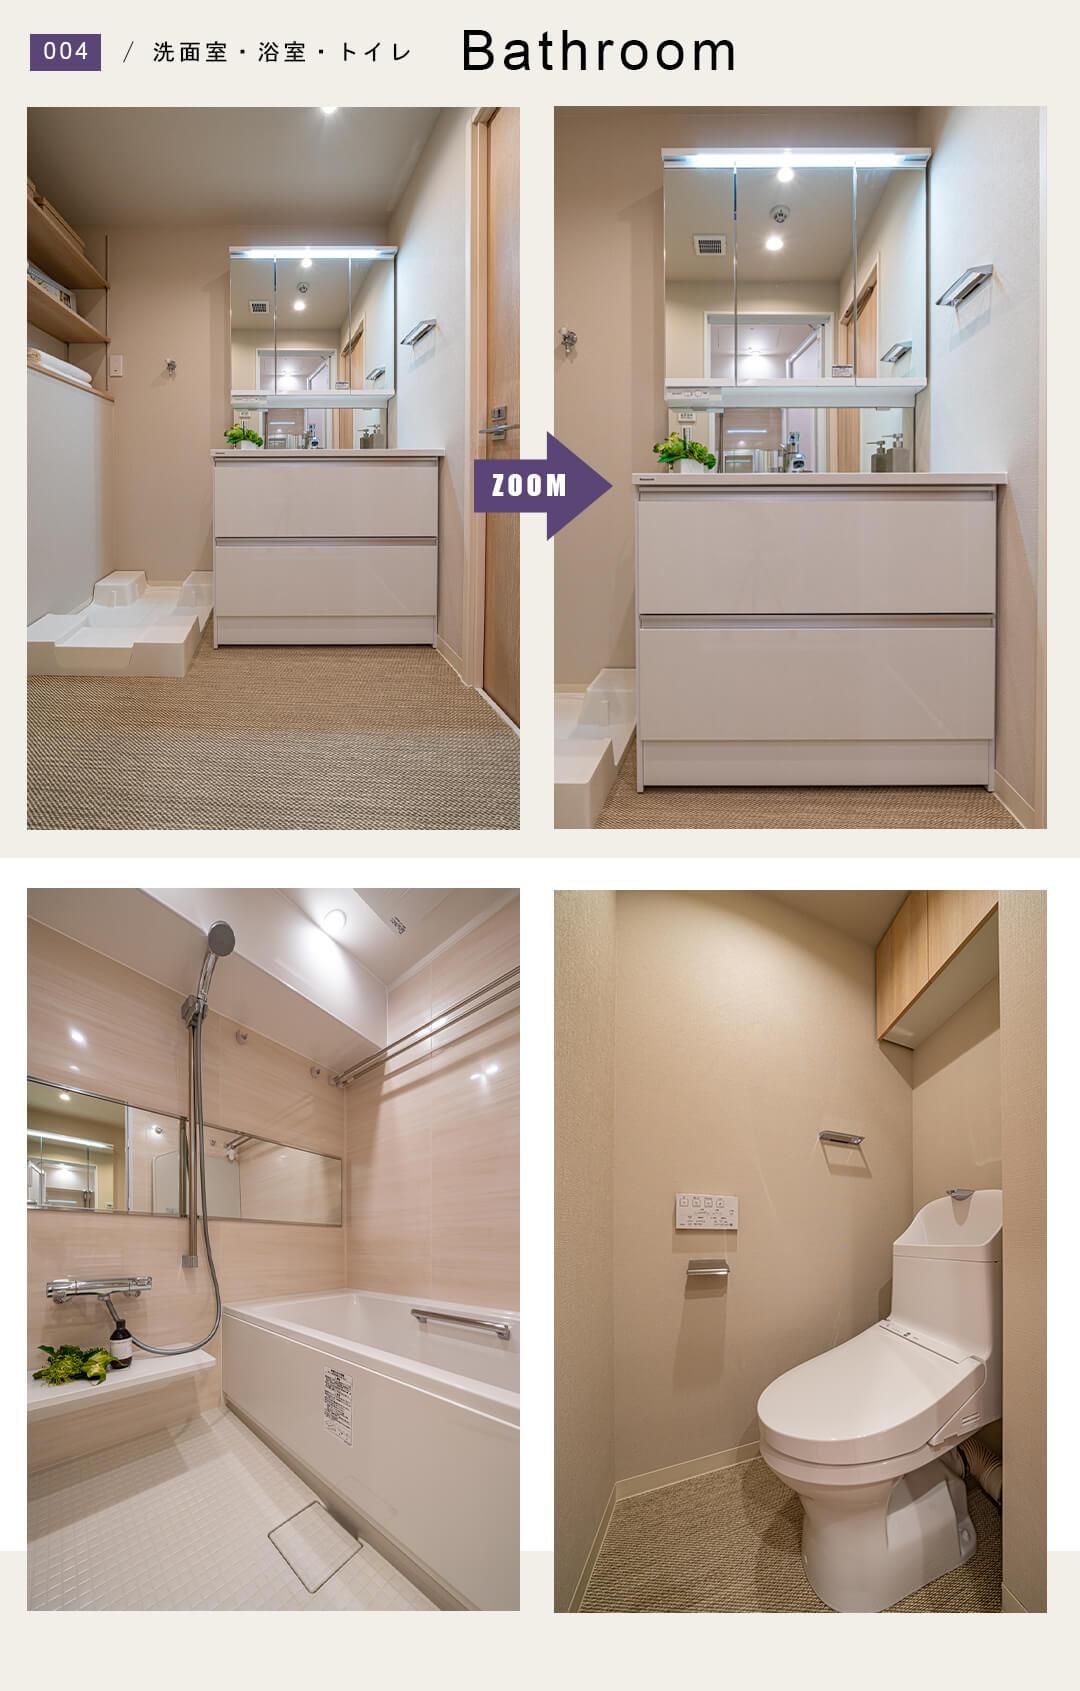 オーベル本所吾妻橋の洗面室と浴室とトイレ